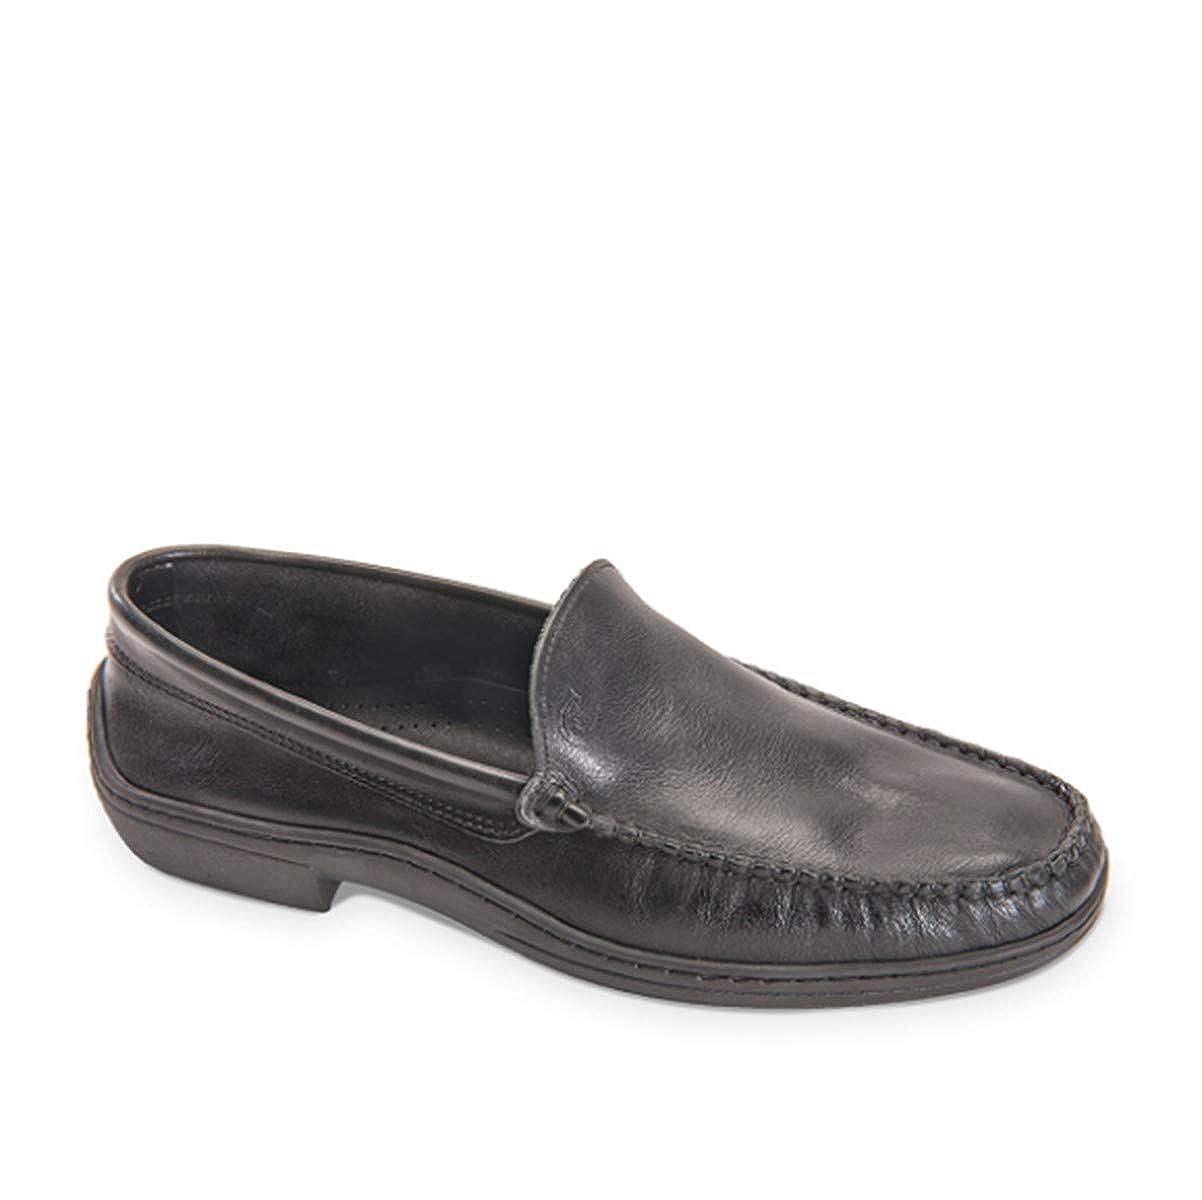 VALLEVERDE Scarpe Uomo Mocassini in Pelle nera 11822-NERO  Amazon.co.uk   Shoes   Bags 208e92a9a1f